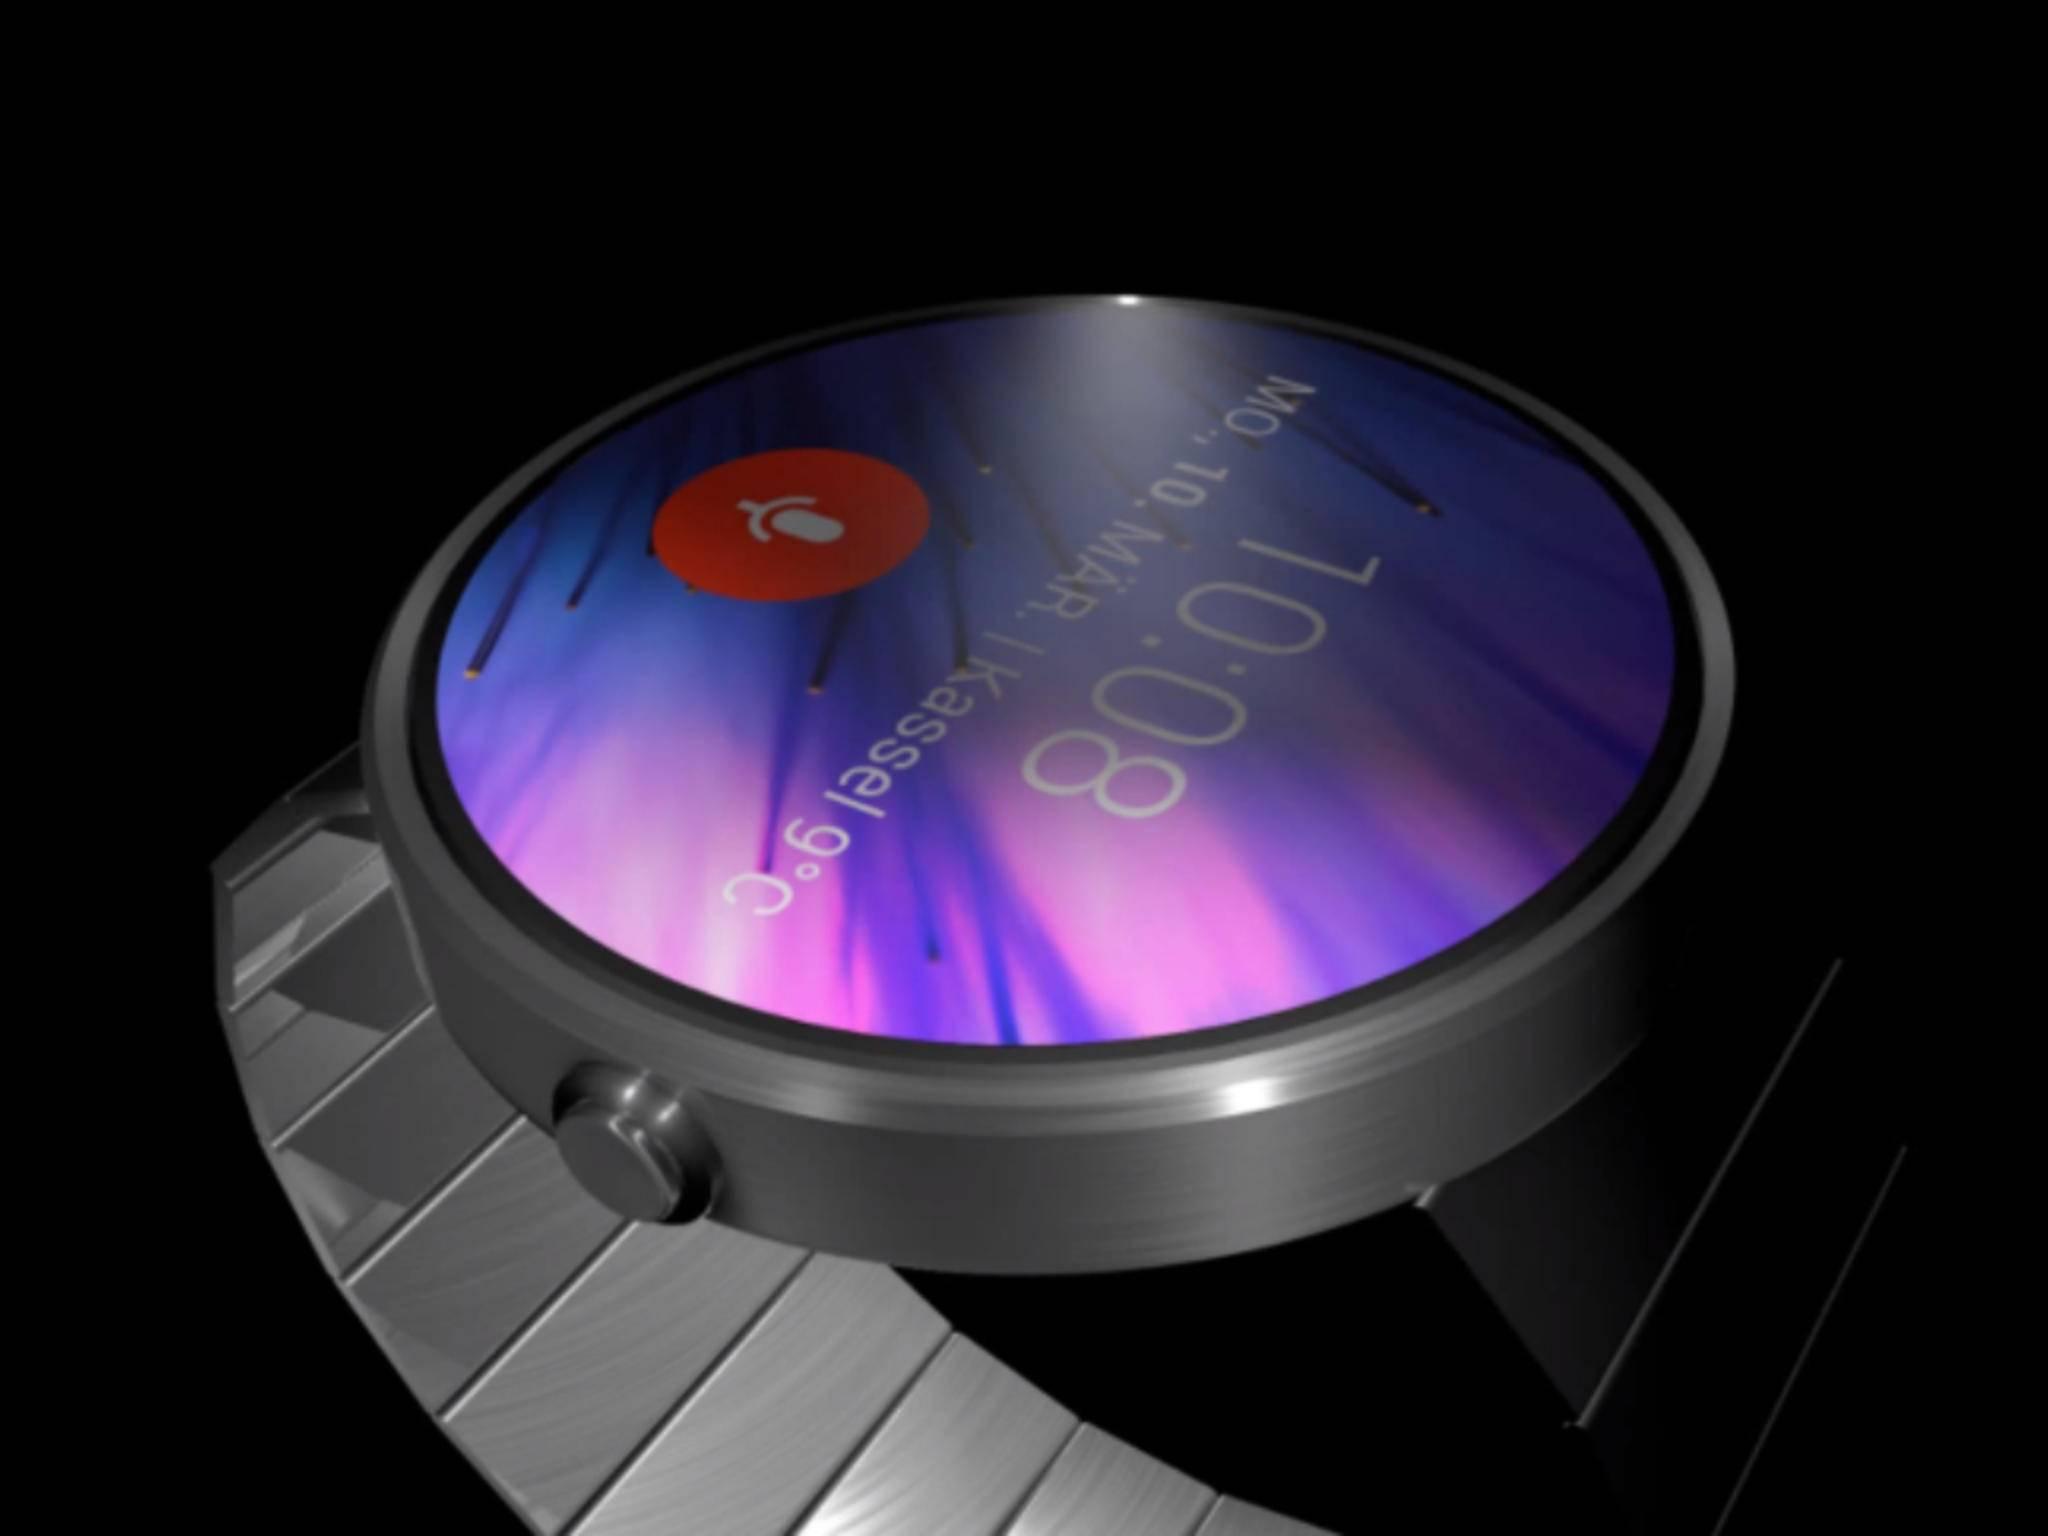 Die echte HTC-Smartwatch werden wir wohl erst im Herbst zu Gesicht bekommen.